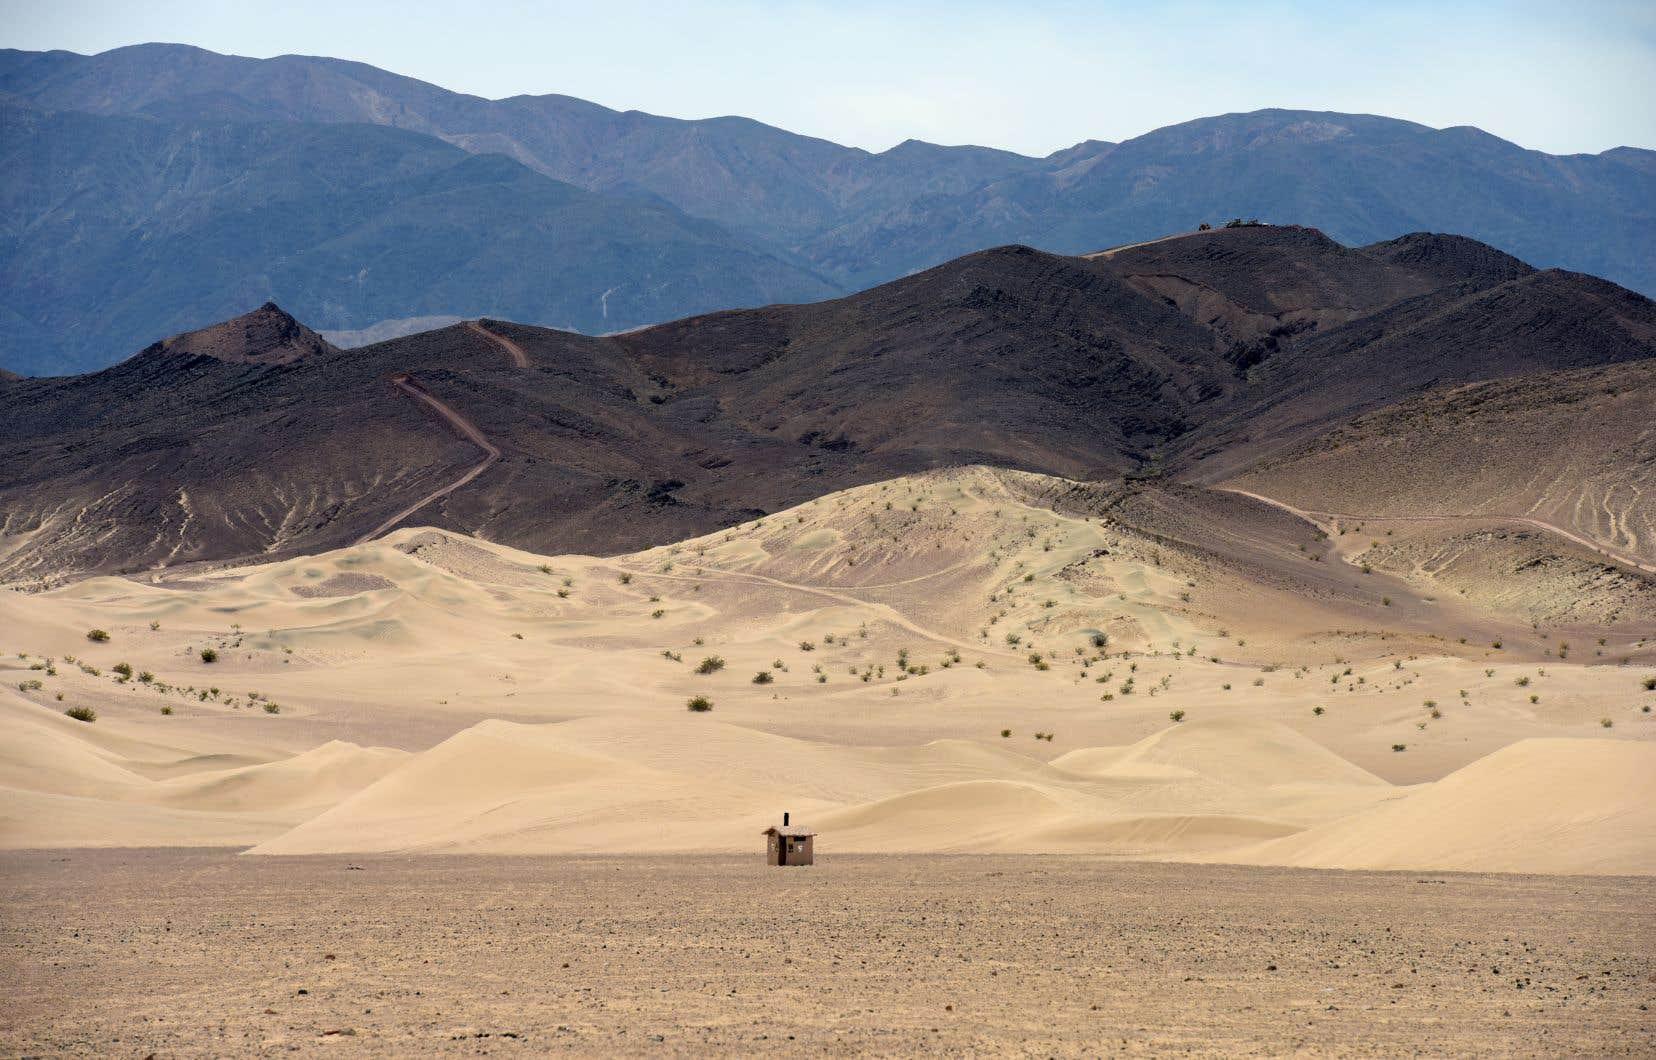 L'épicentre du séisme a été localisé dans le désert de Mojave.